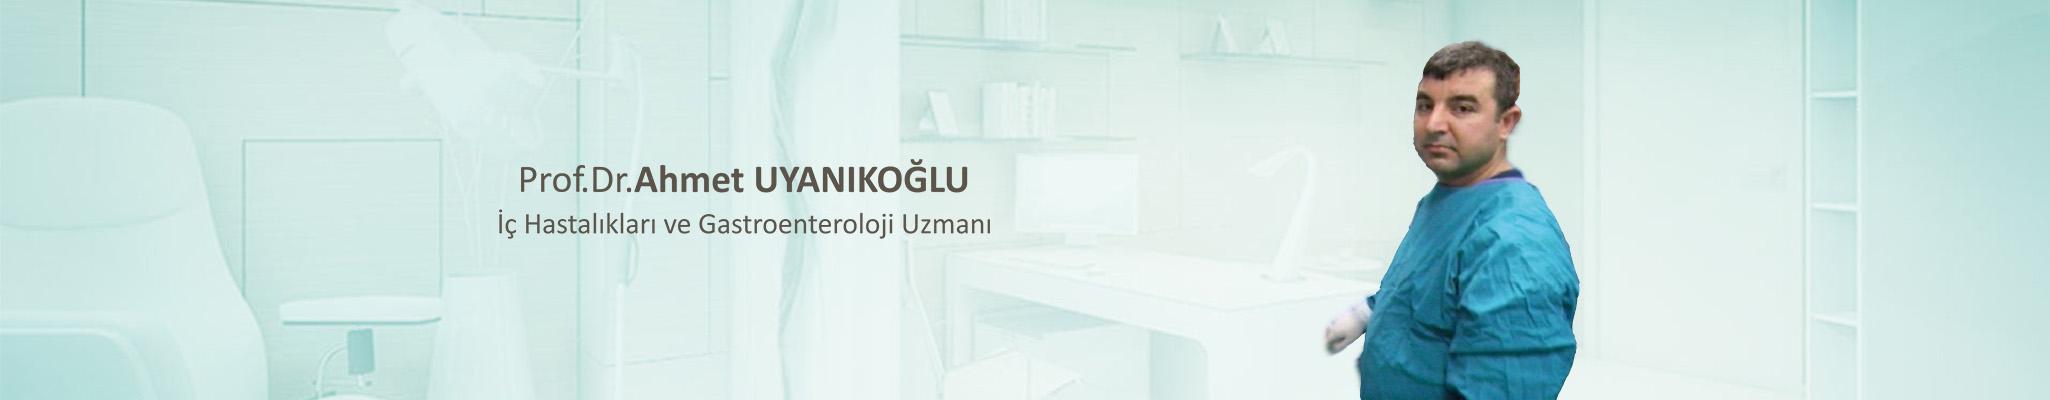 Doç.Dr.Ahmet Uyanıkoğlu